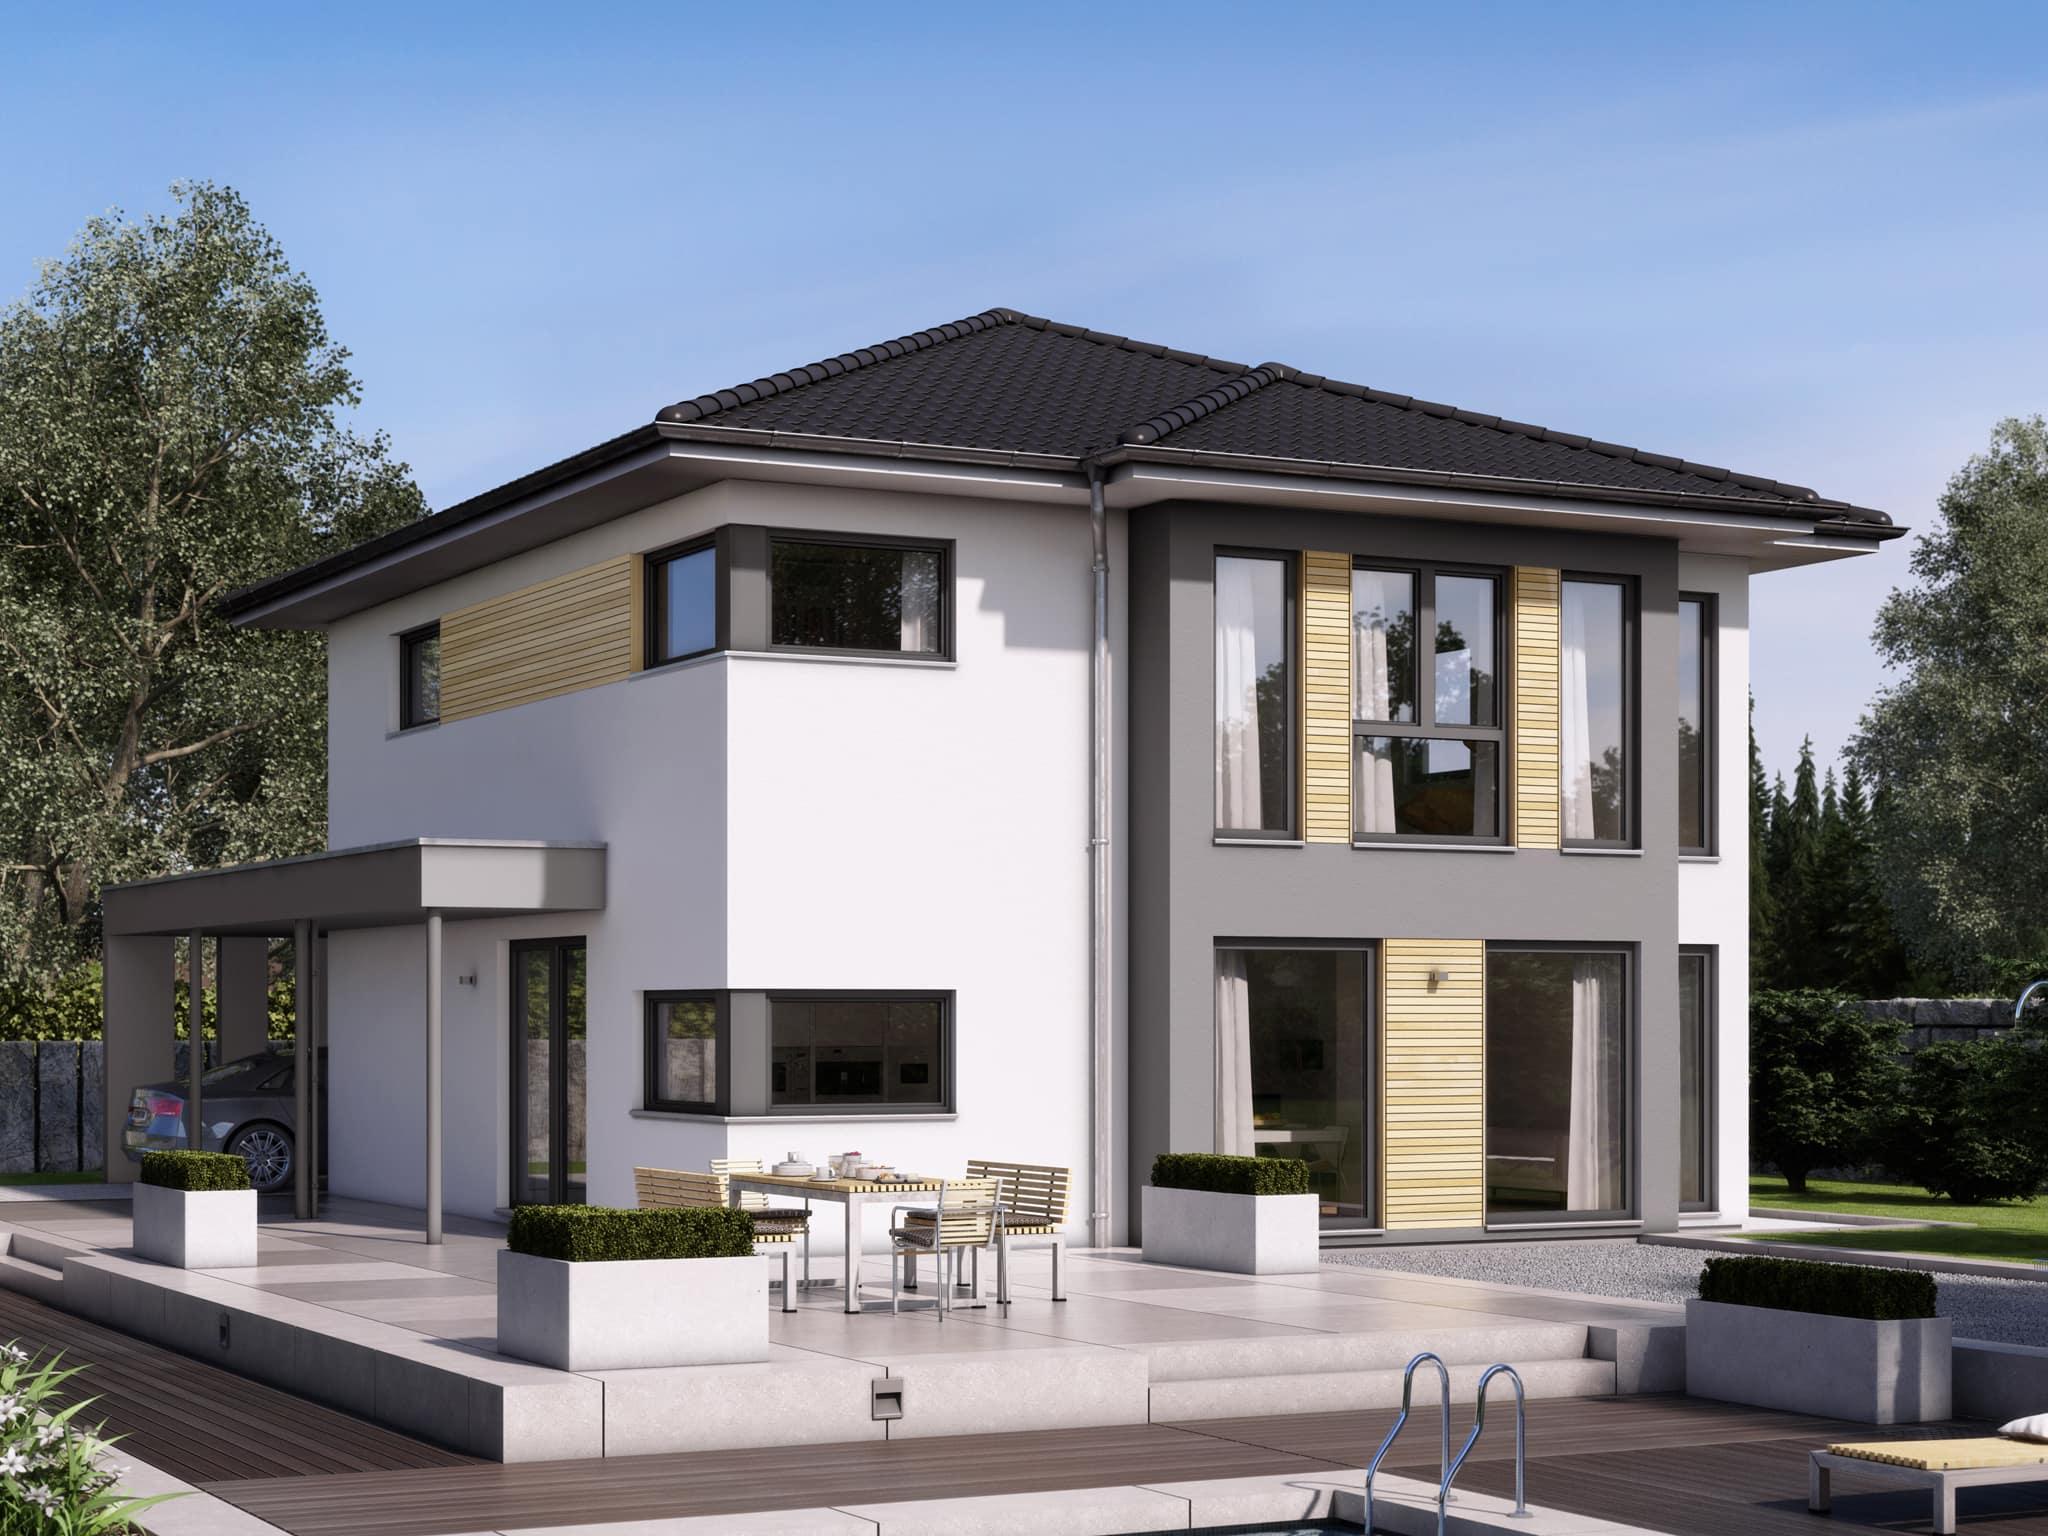 Fertighaus Stadtvilla modern mit Walmdach & Holz Putz Fassade, 5 Zimmer Grundriss, 150 qm - Living Haus SUNSHINE 151 V6 - HausbauDirekt.de